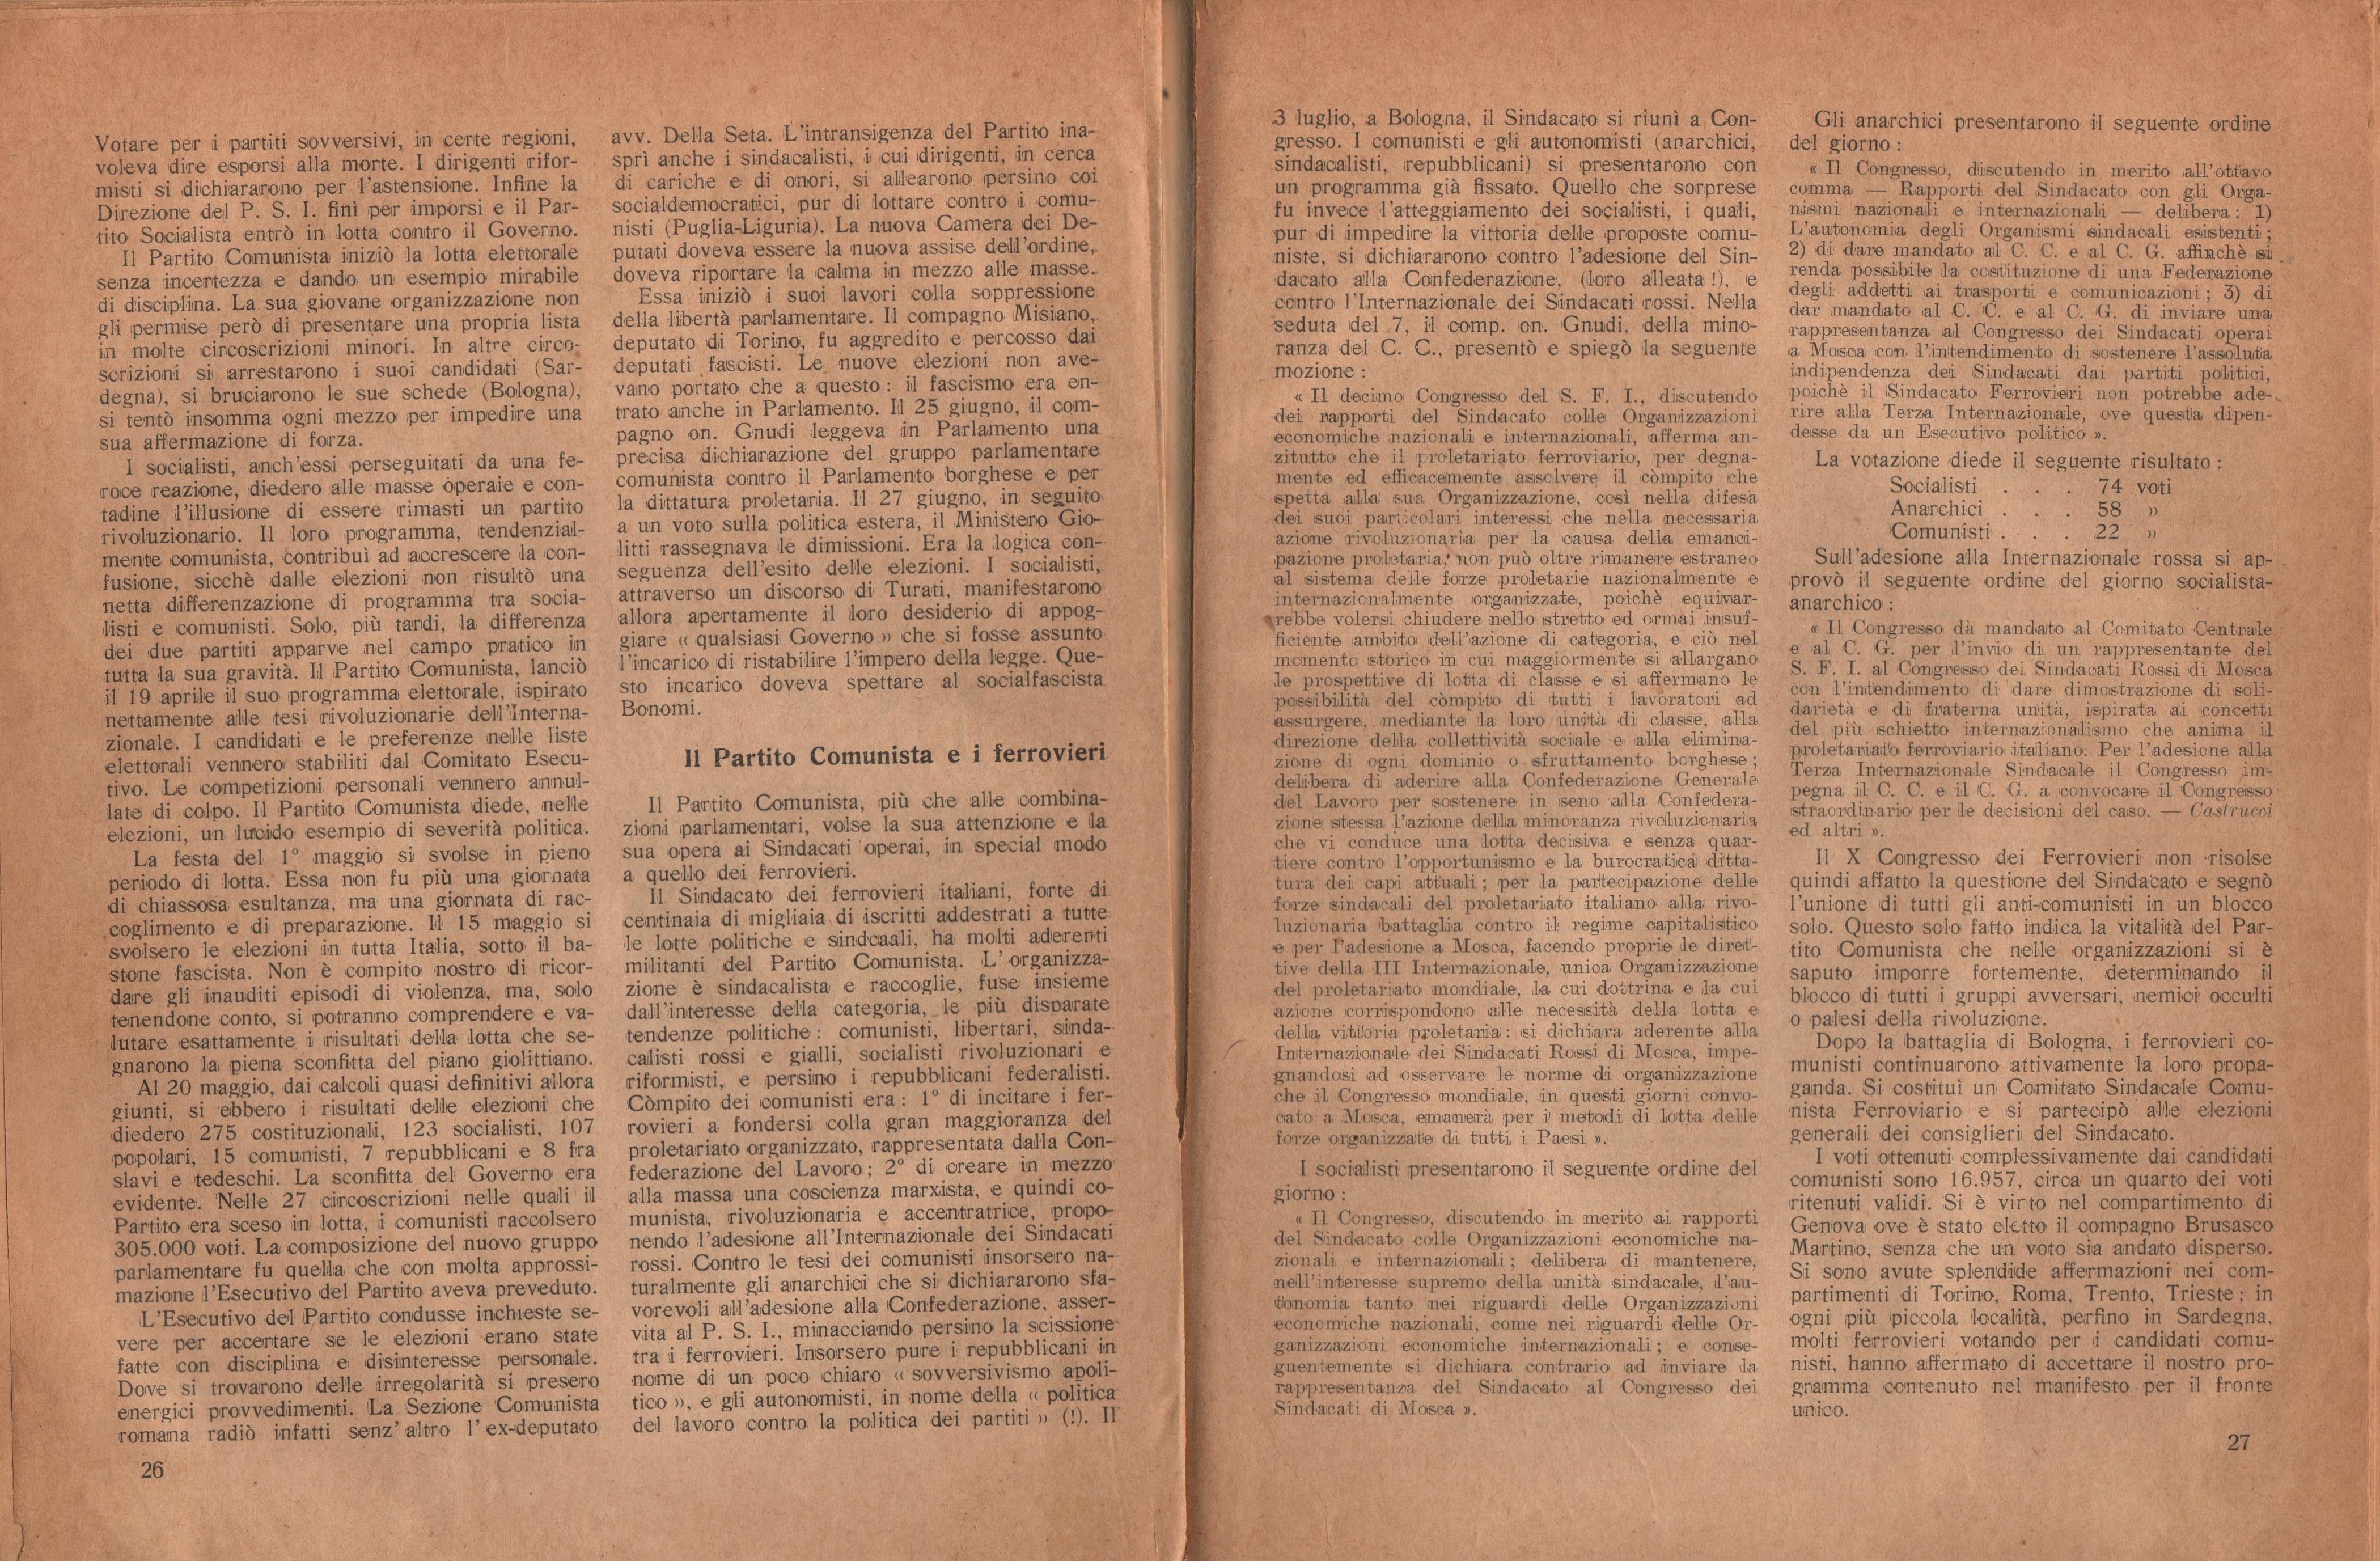 Almanacco comunista 1922 - pag. 16